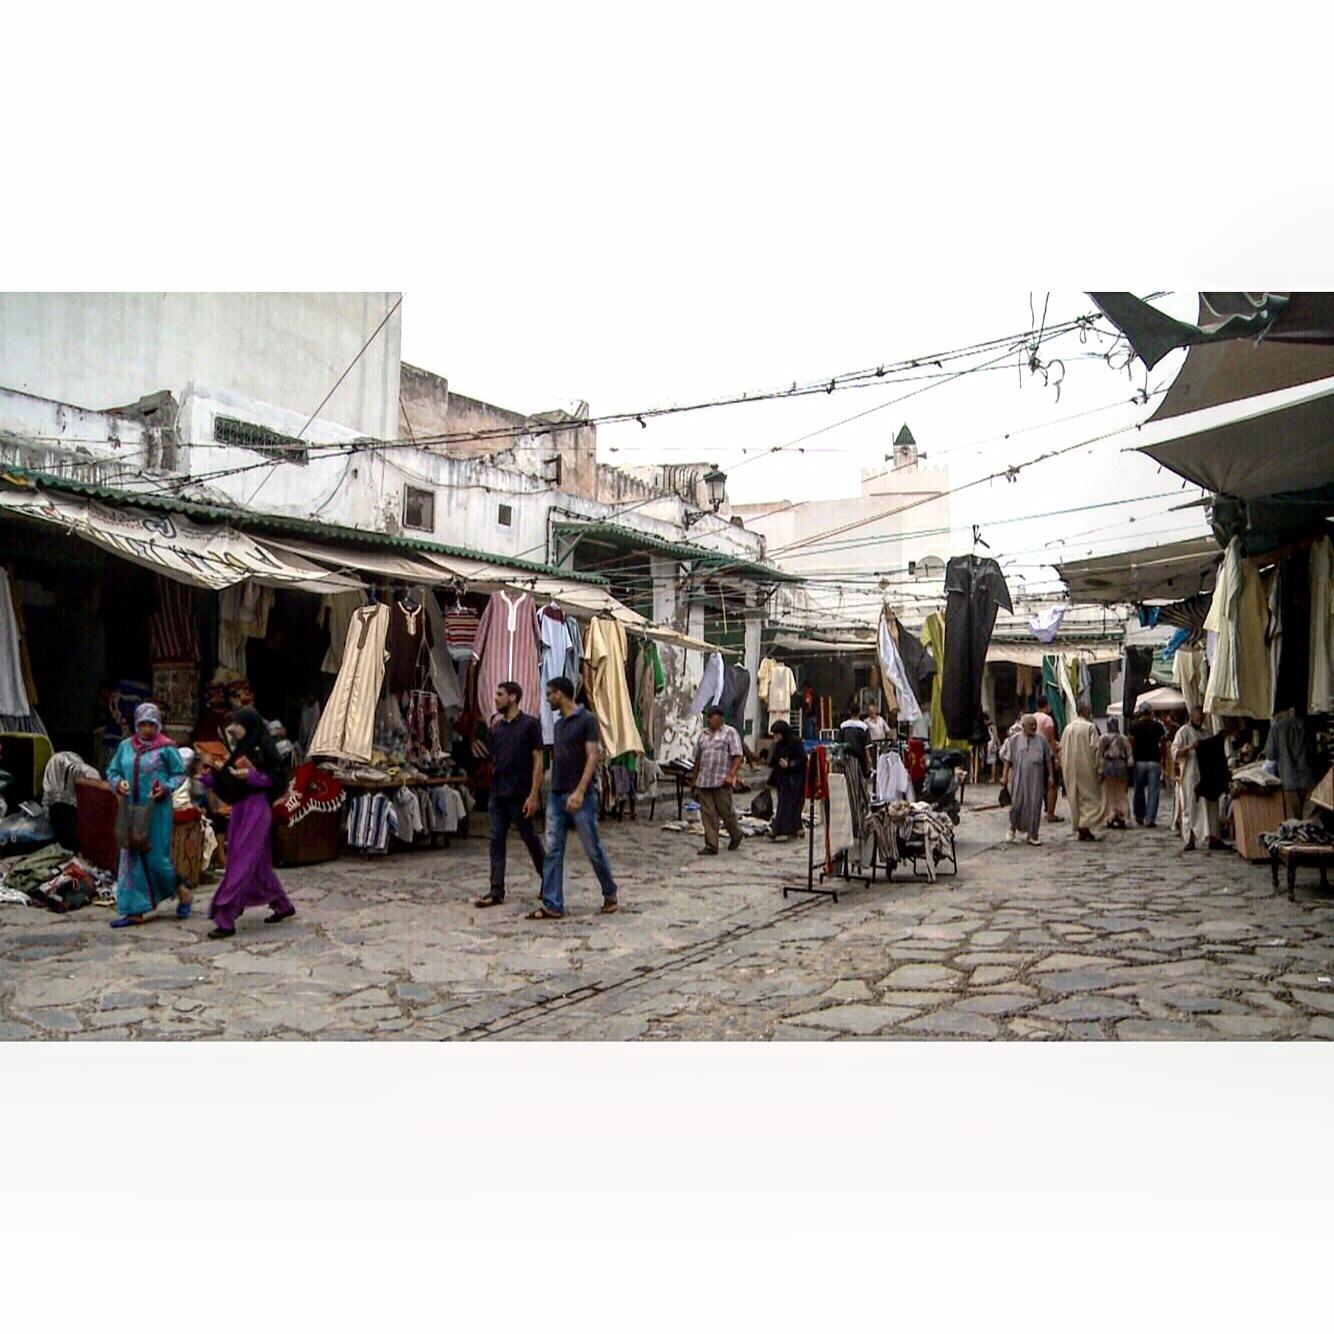 المدينة القديمة للعاصمة الرباط by Nabil El Hachimi